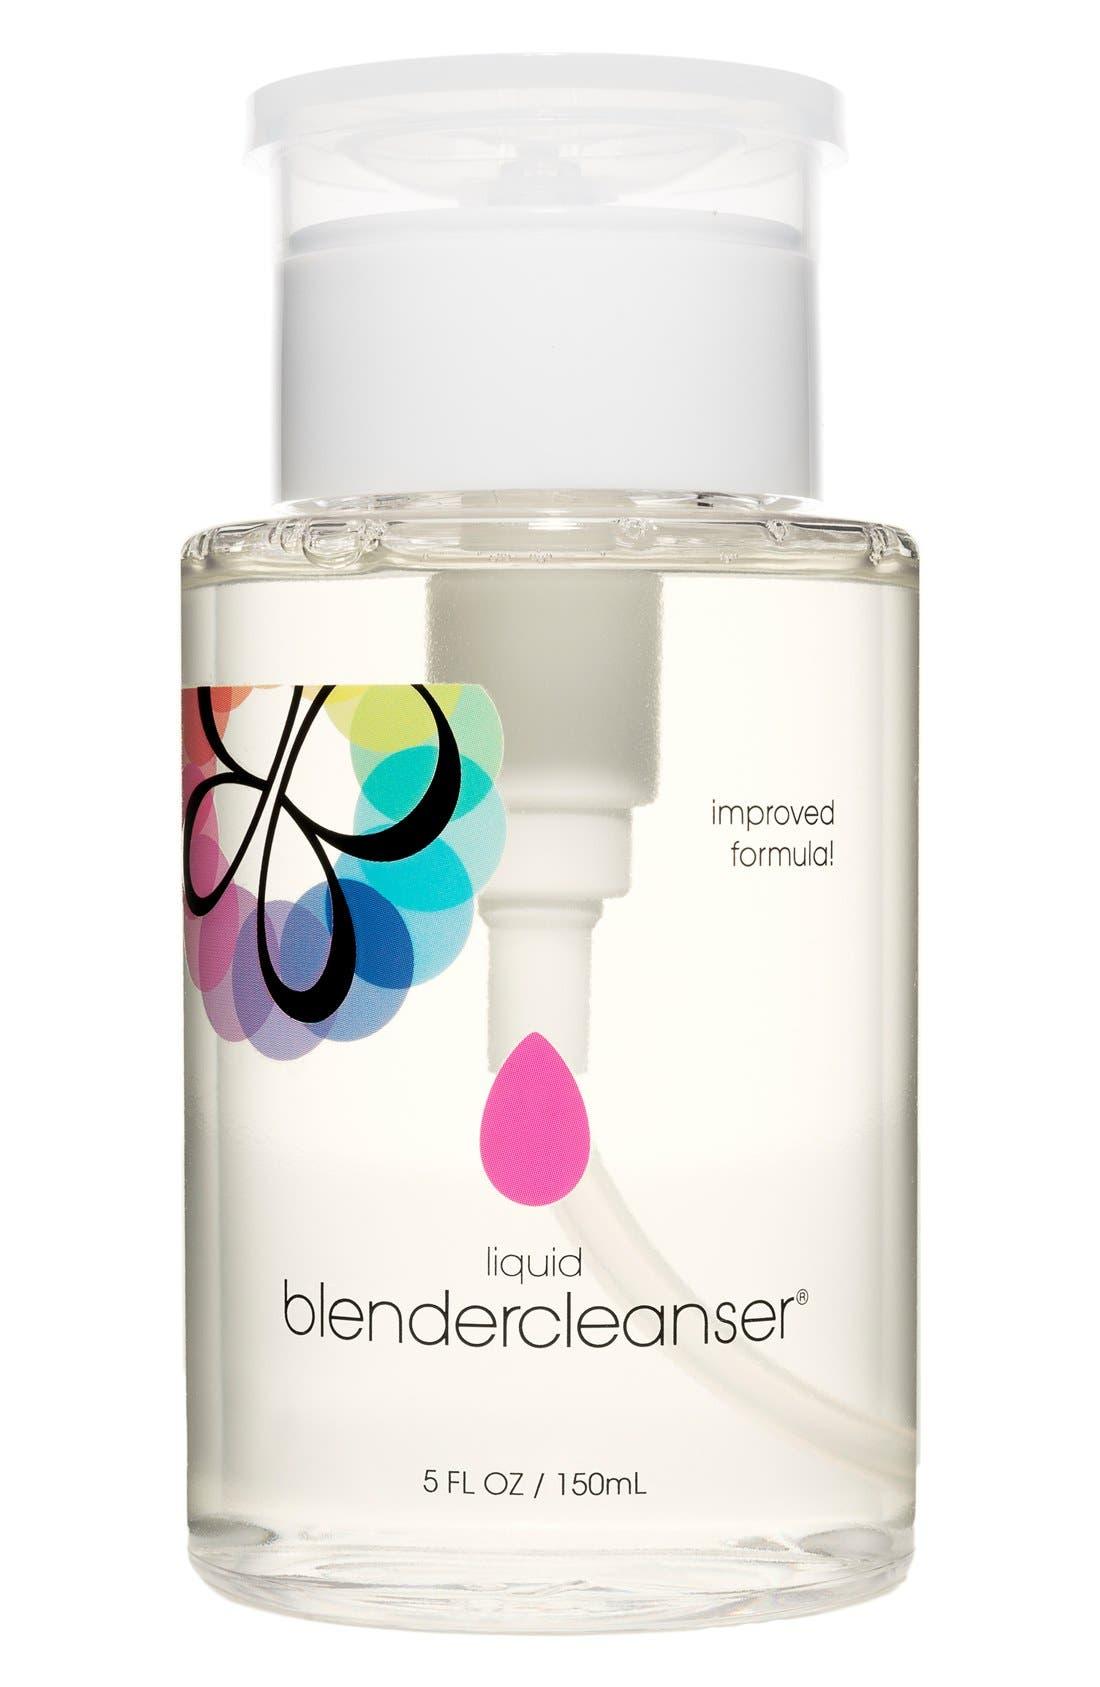 beautyblender® 'liquid blendercleanser®' Makeup Sponge Cleanser